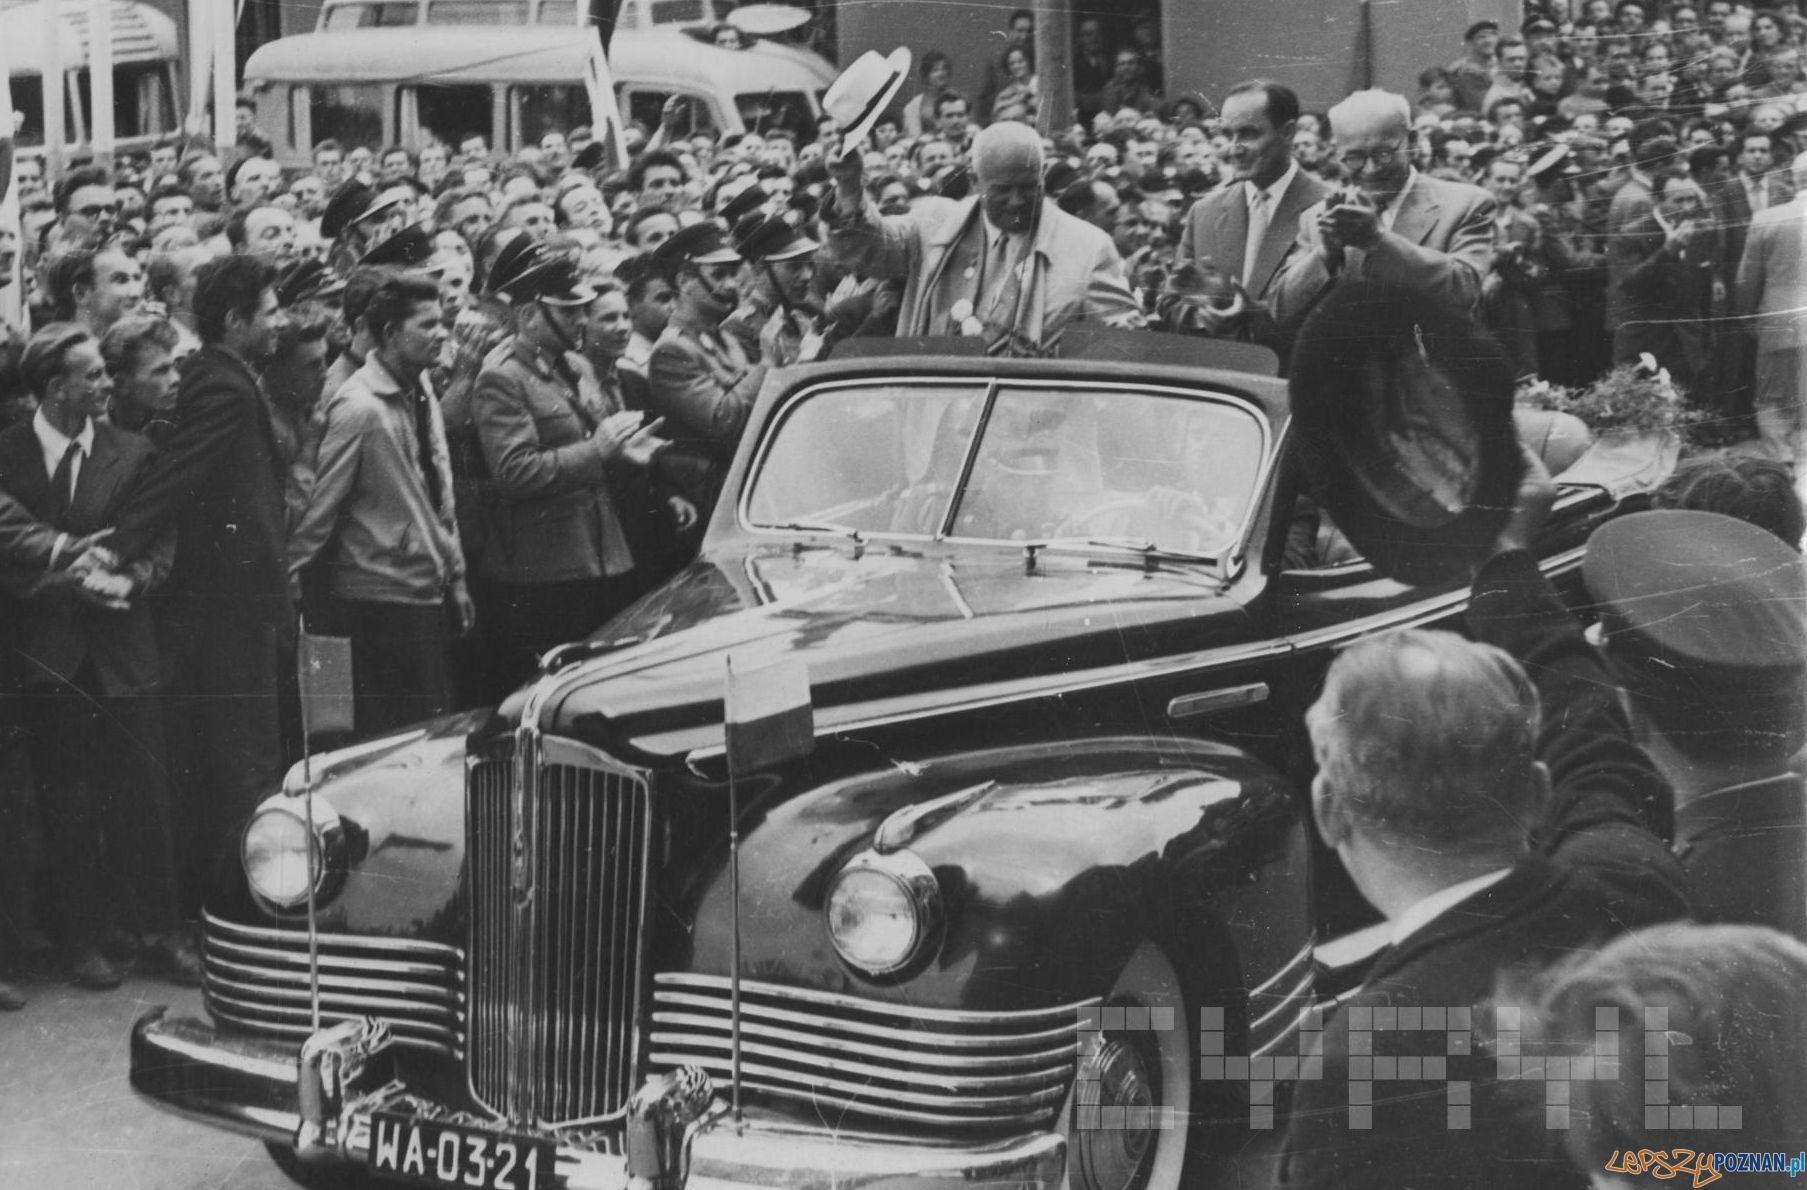 Wizyta Chruszczowa w Wielkopolsce (2)  Foto: H. Ignor / Cyryl - 18.07.1959